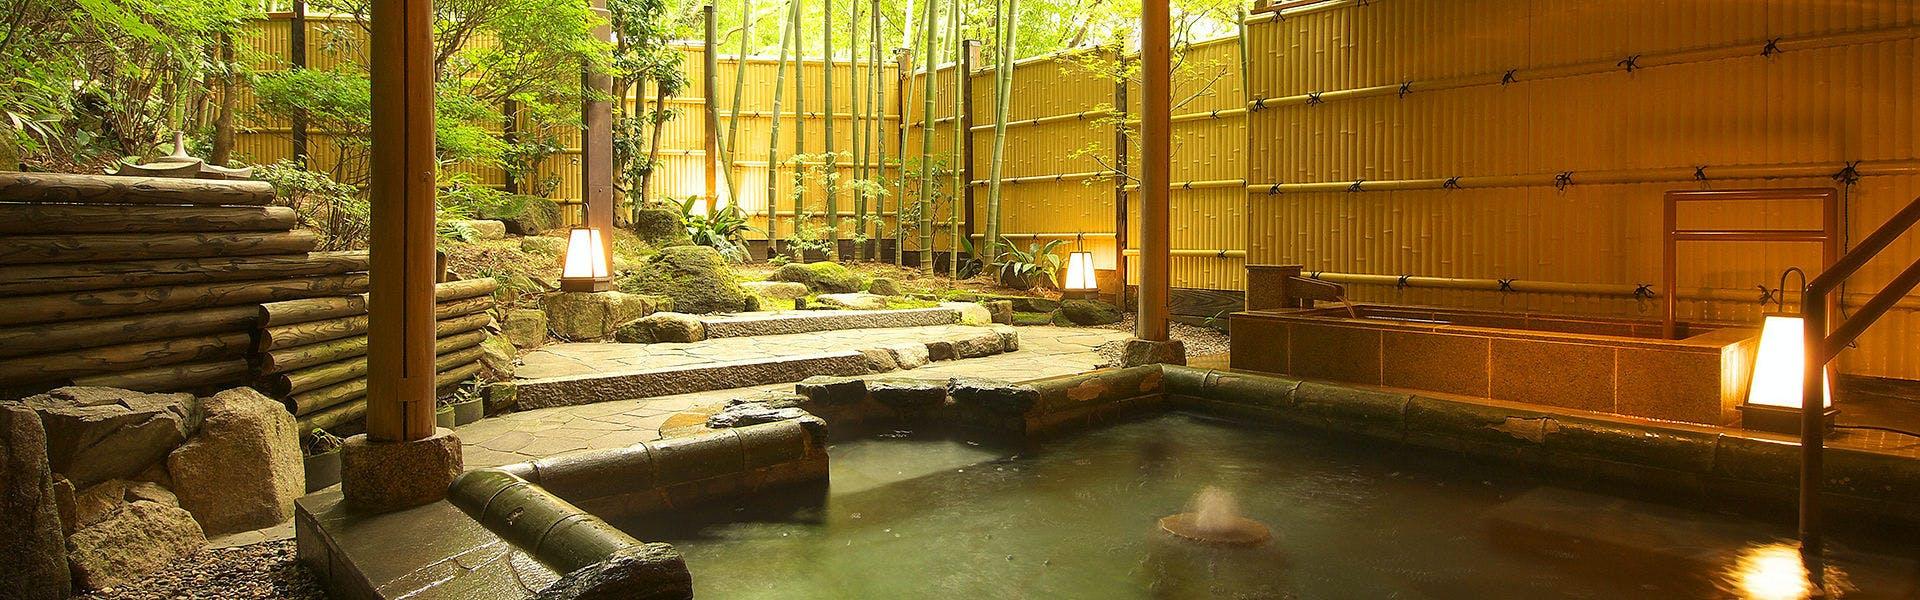 記念日におすすめのホテル・竹取亭円山の写真1